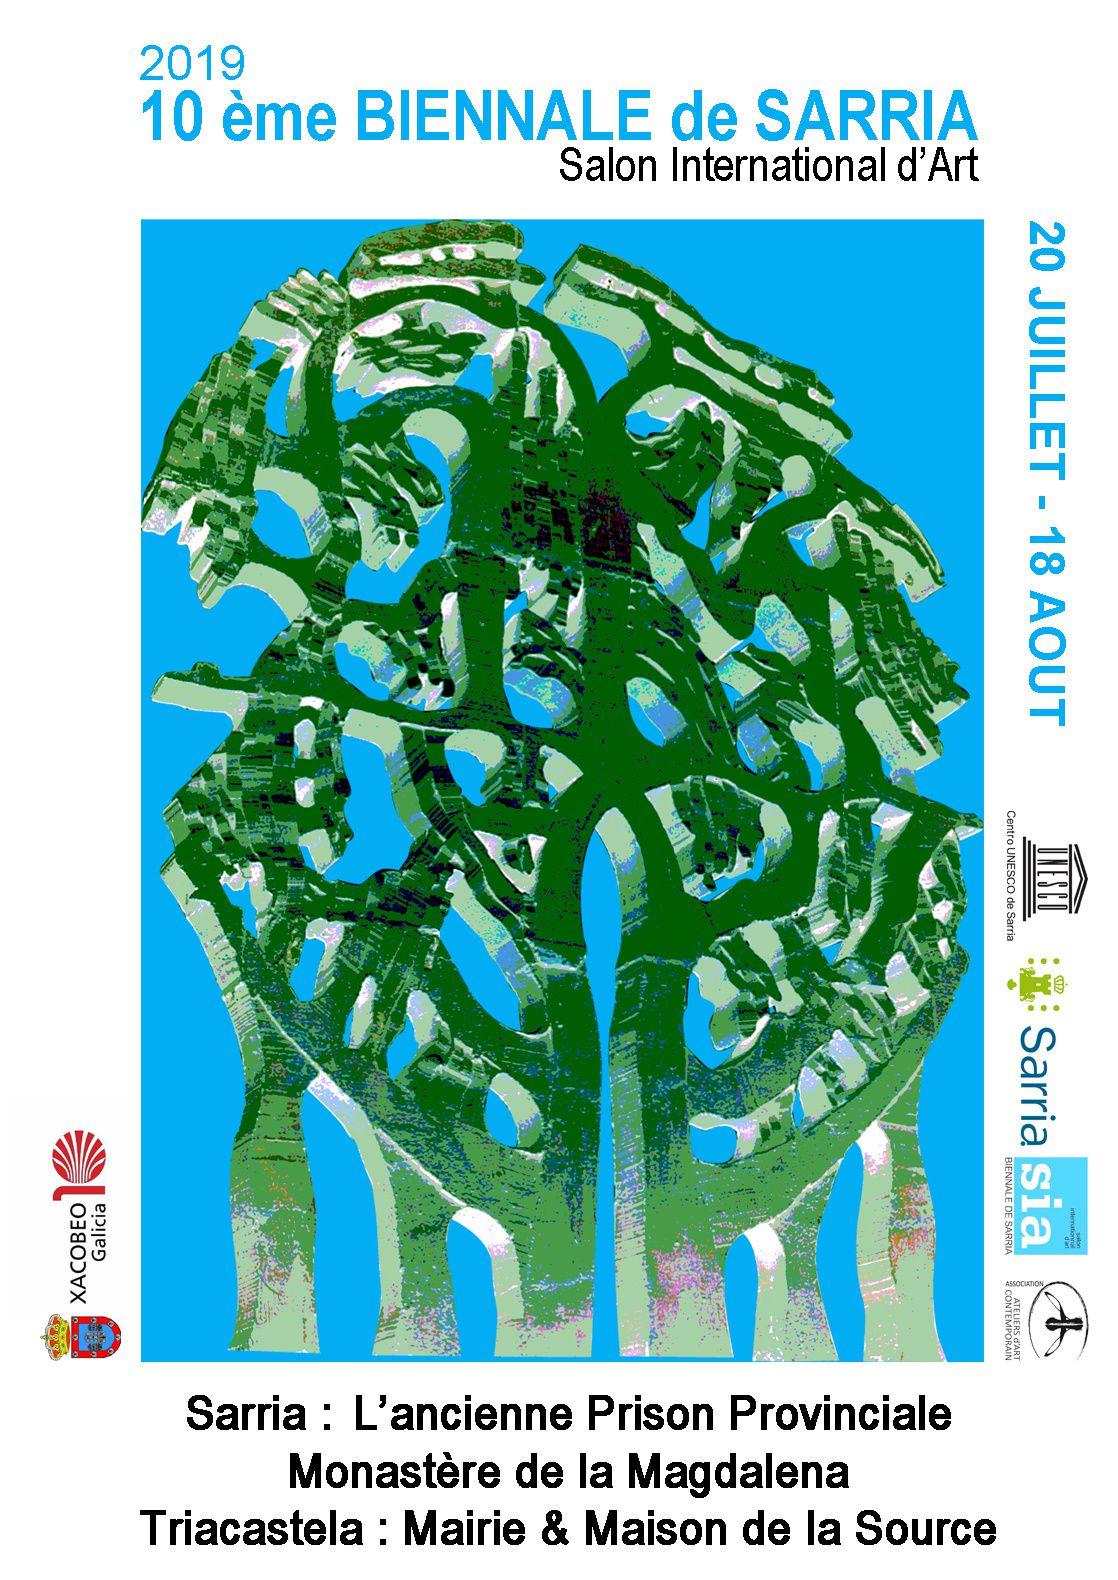 Appel à candidature, 10ème Biennale de SARRIA en Galice (Espagne)